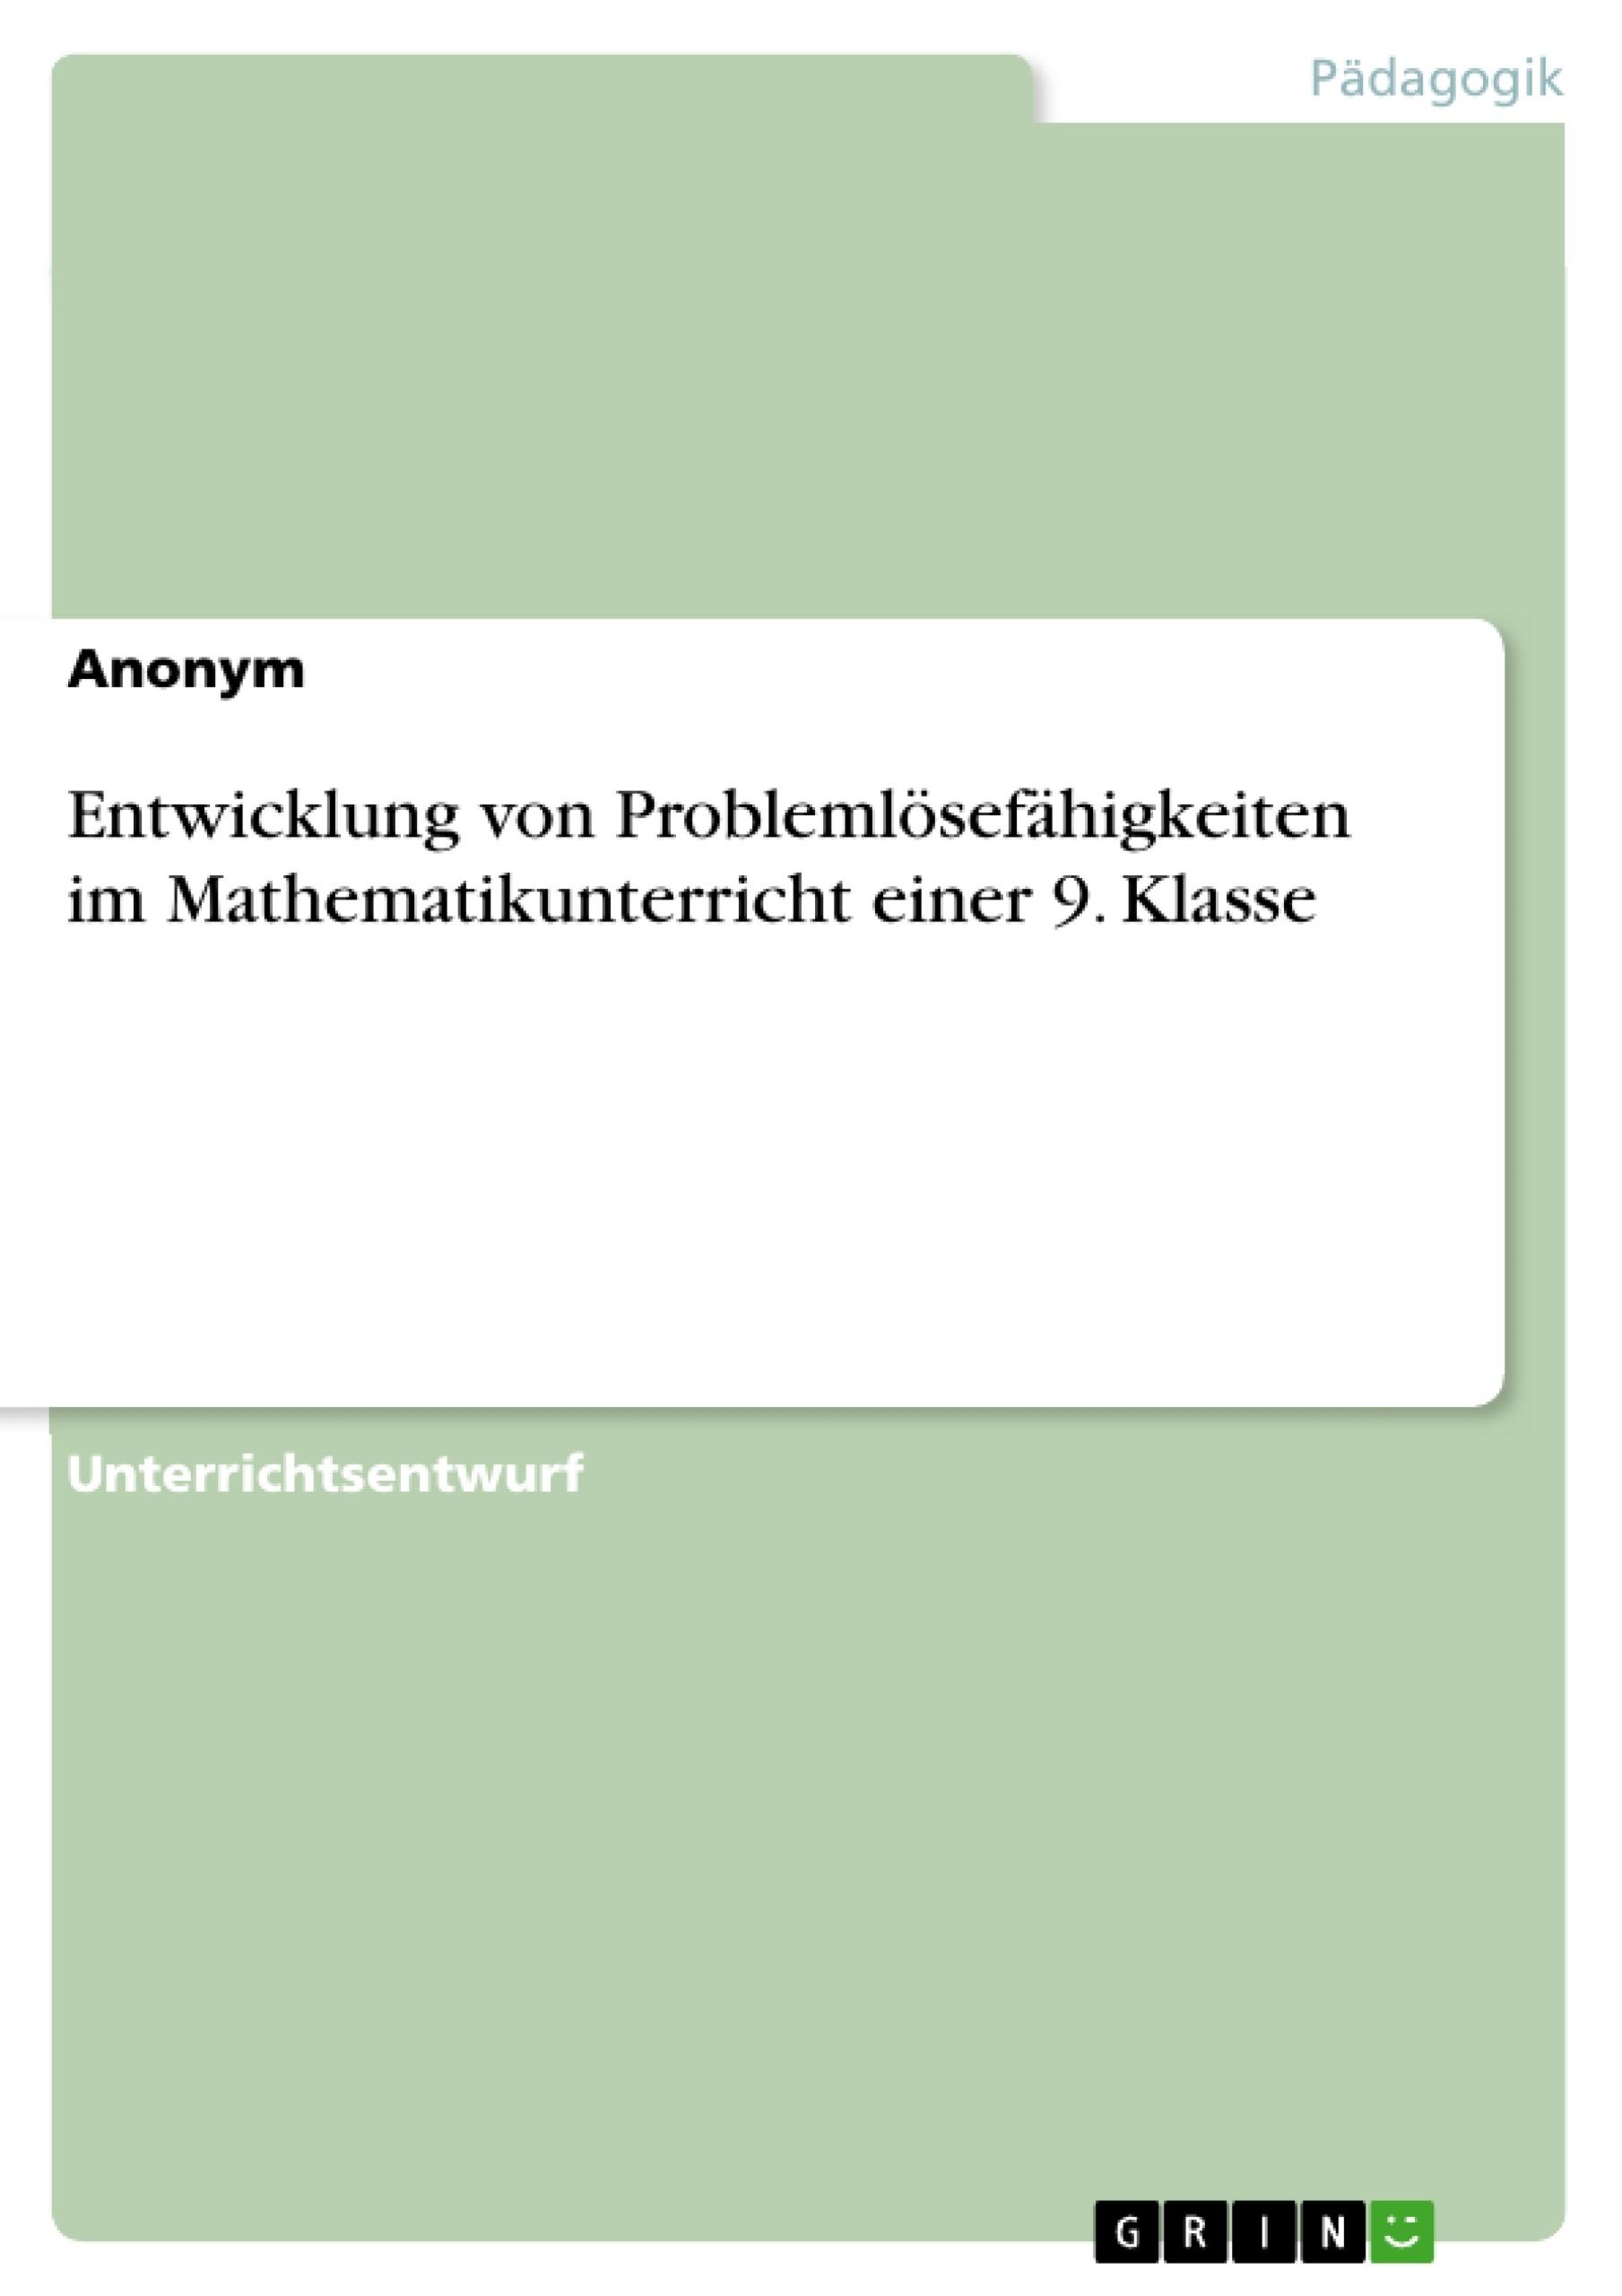 Titel: Entwicklung von Problemlösefähigkeiten im Mathematikunterricht einer 9. Klasse